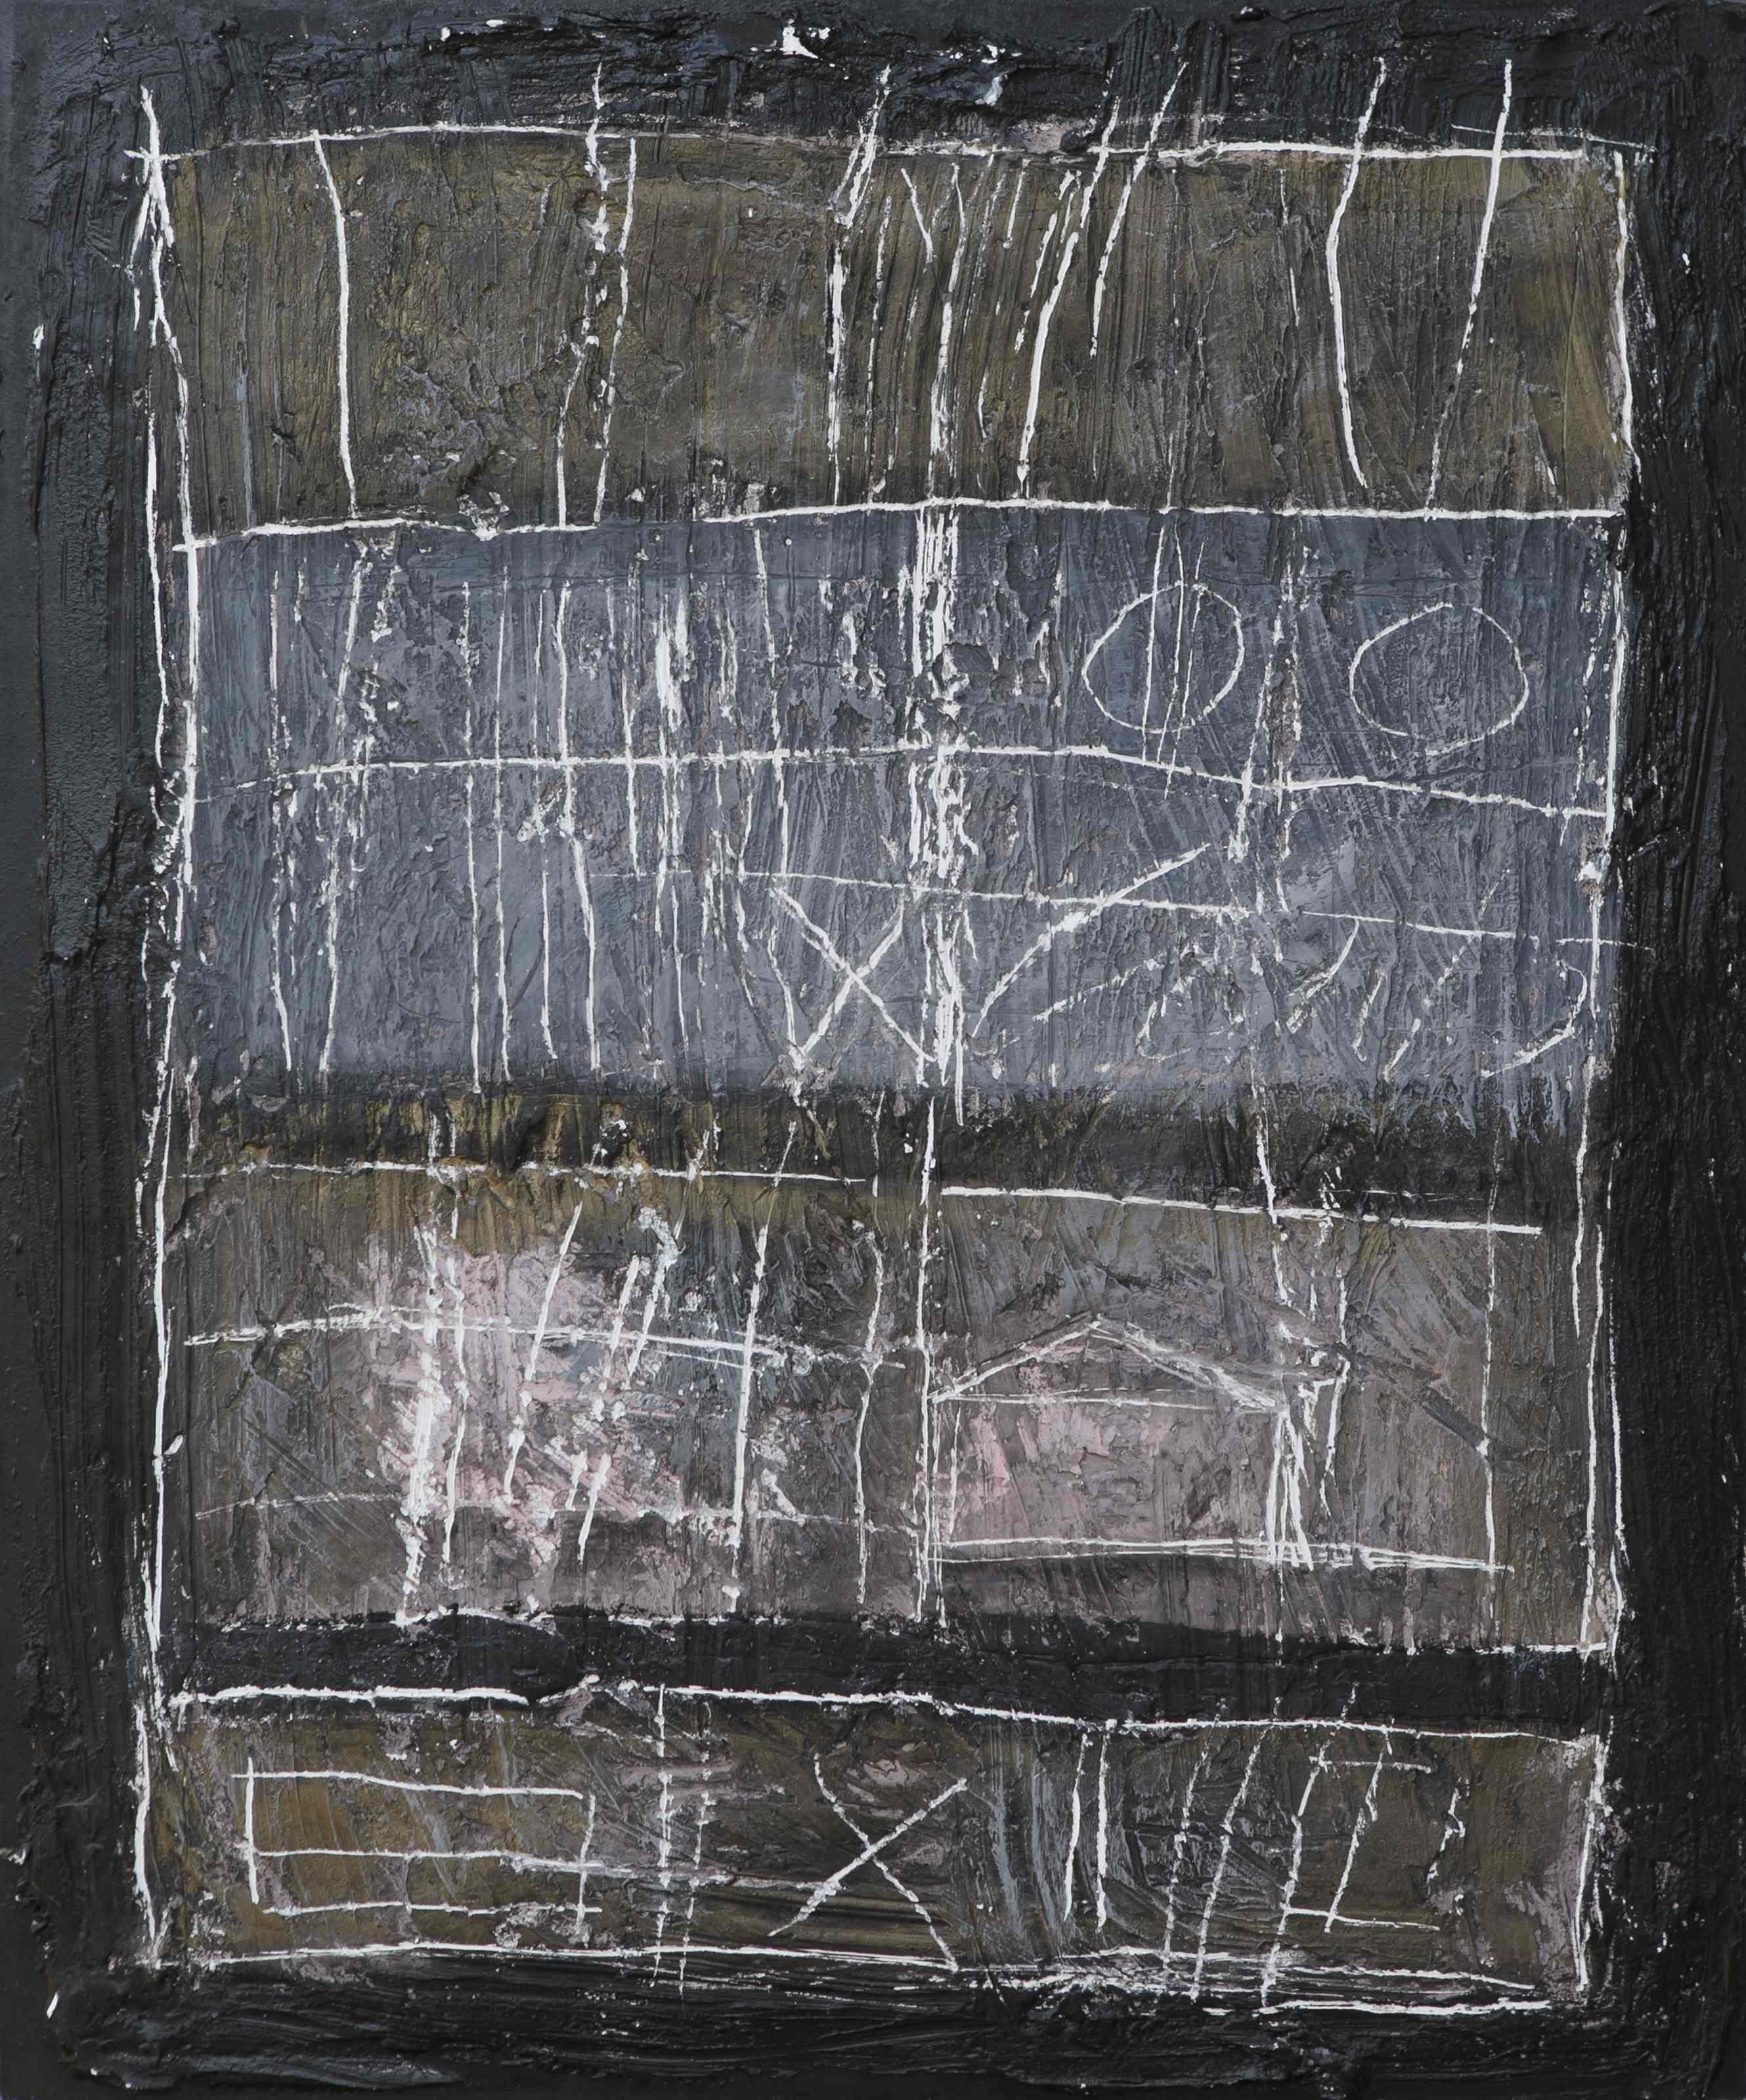 Graffiti 2, tecnica mista su tavola, 60x50, 2004